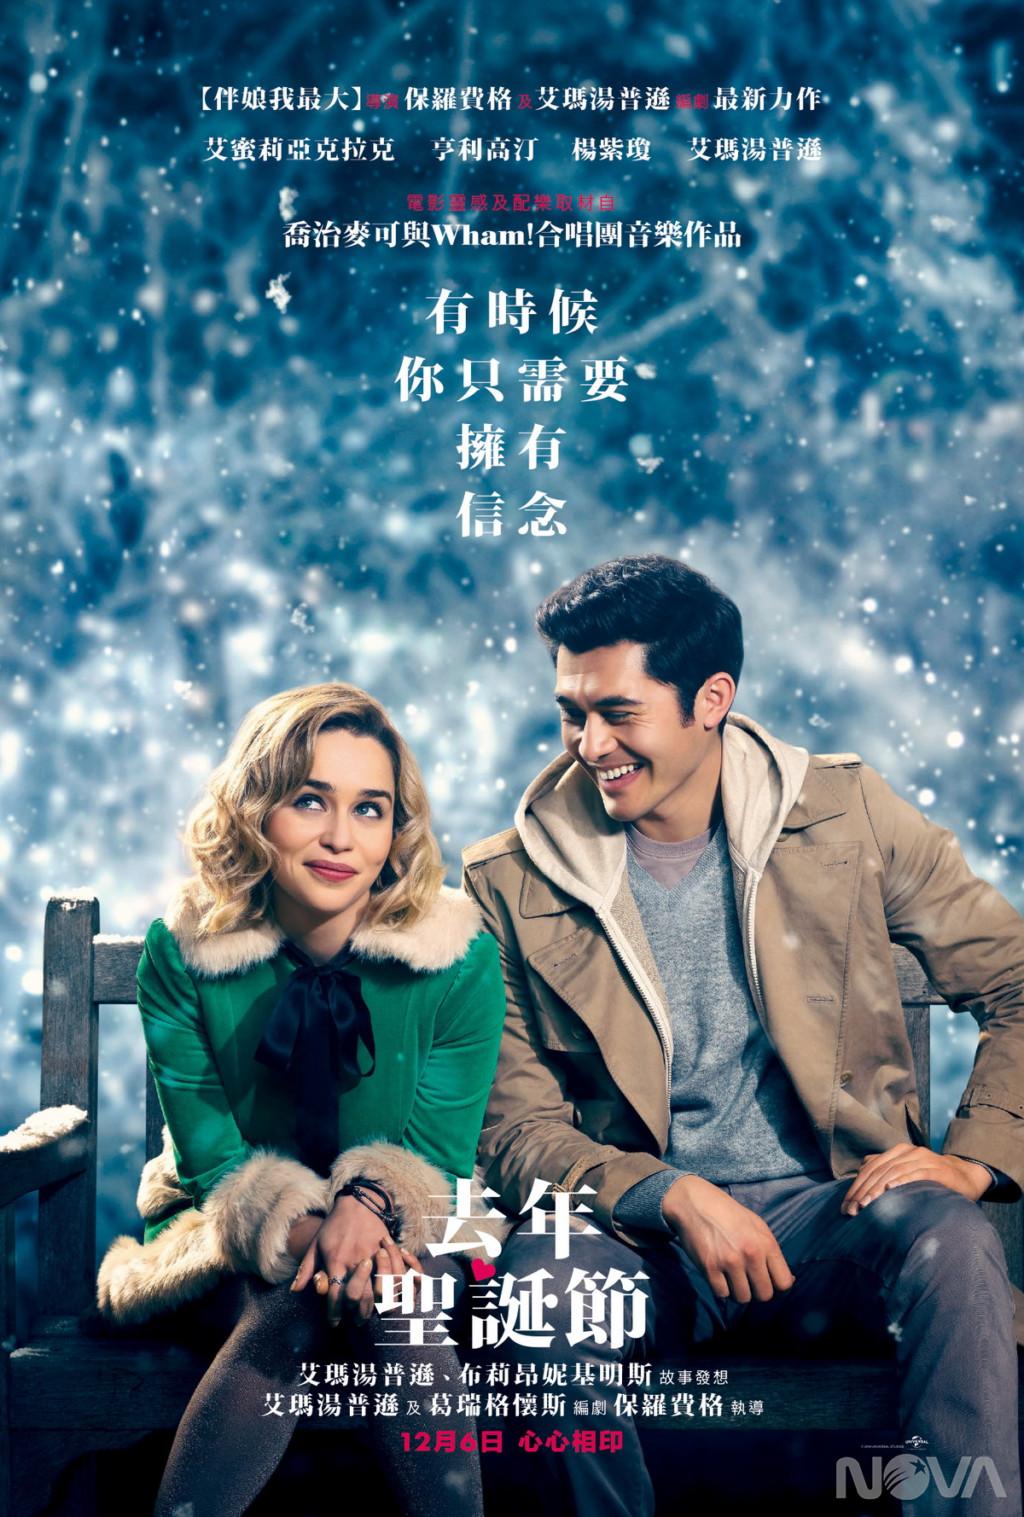 資深媒體人評選「2019最爛電影Top10」!《從前有個好萊塢》竟意外上榜?